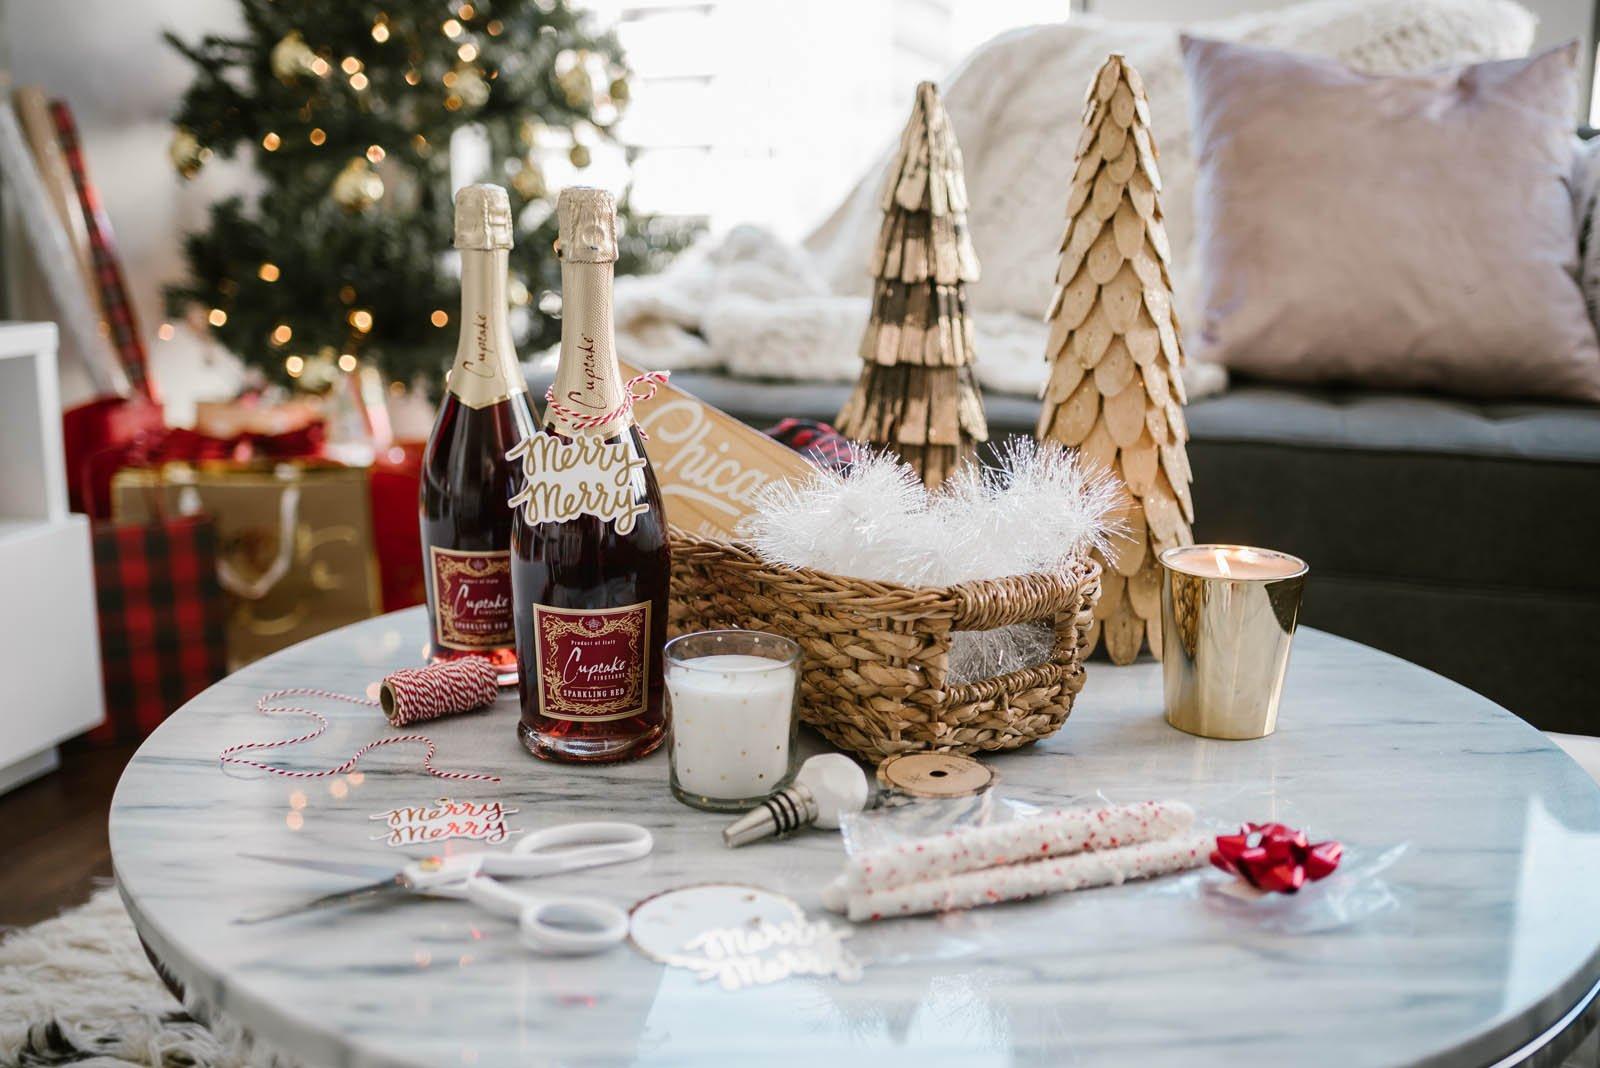 Weihnachtsgeschenke Basteln.Weihnachtsgeschenke Basteln Diy Geschenkkorb Selber Basteln Diy